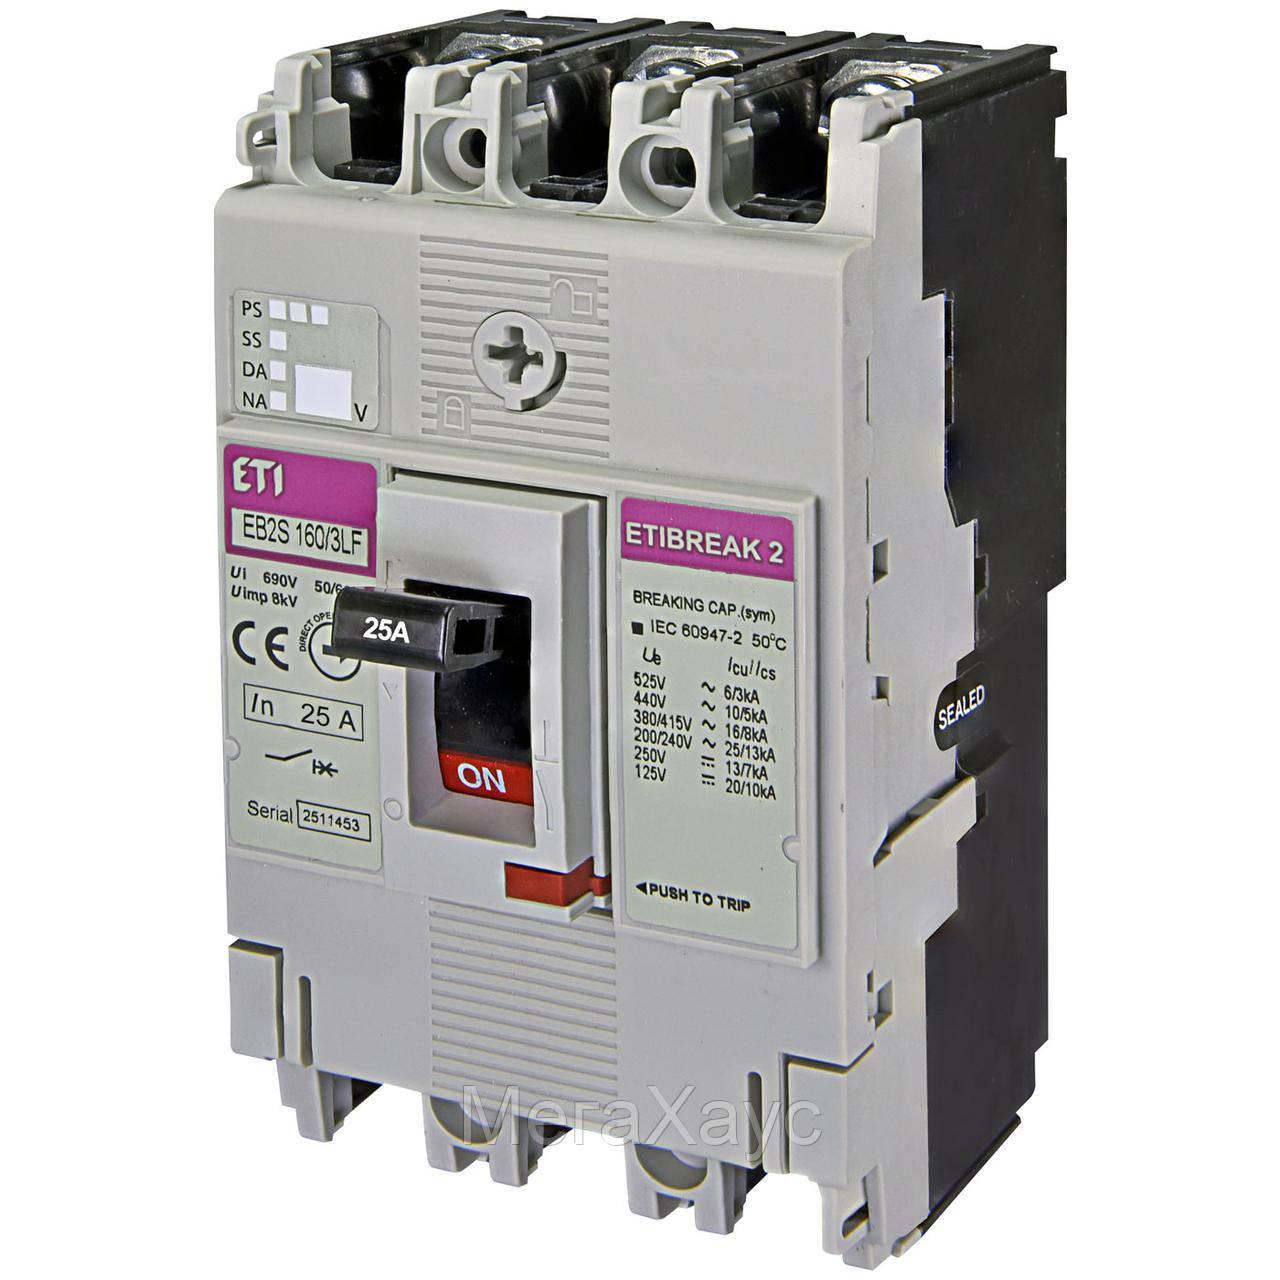 Промышленный автоматический выключатель ETI ETIBREAK  EB2S 160/3LF  25А 3P (16kA фикс.настр.